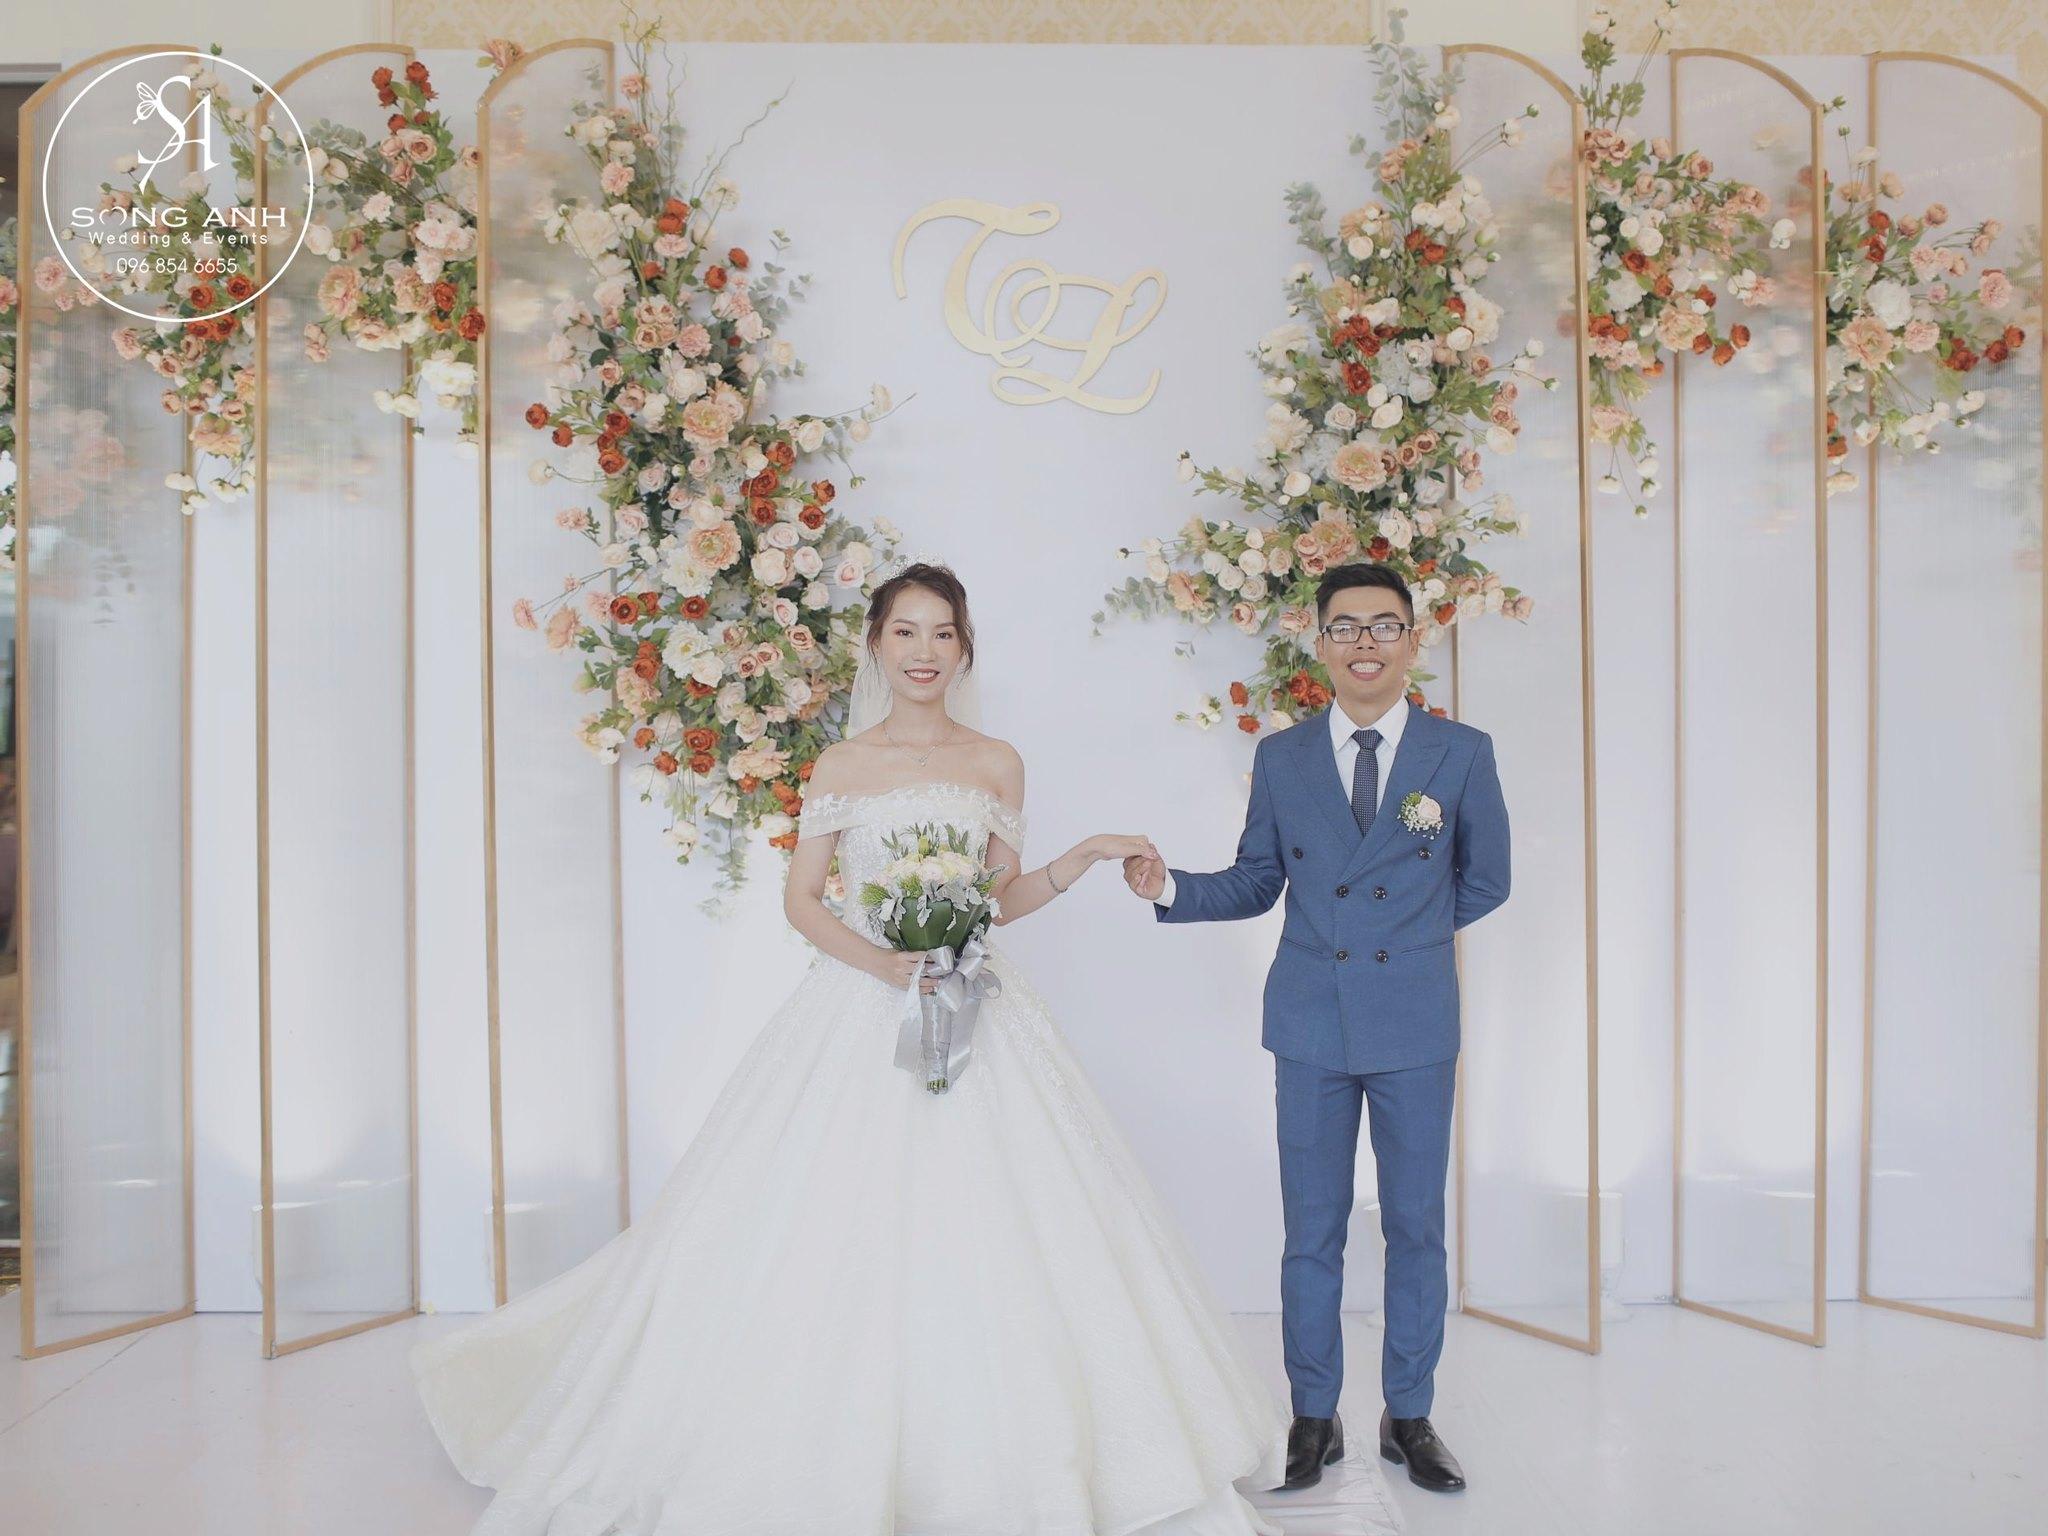 Nên lựa chọn trang phục cưới cho cô dâu chú rể phù hợp với thời tiết